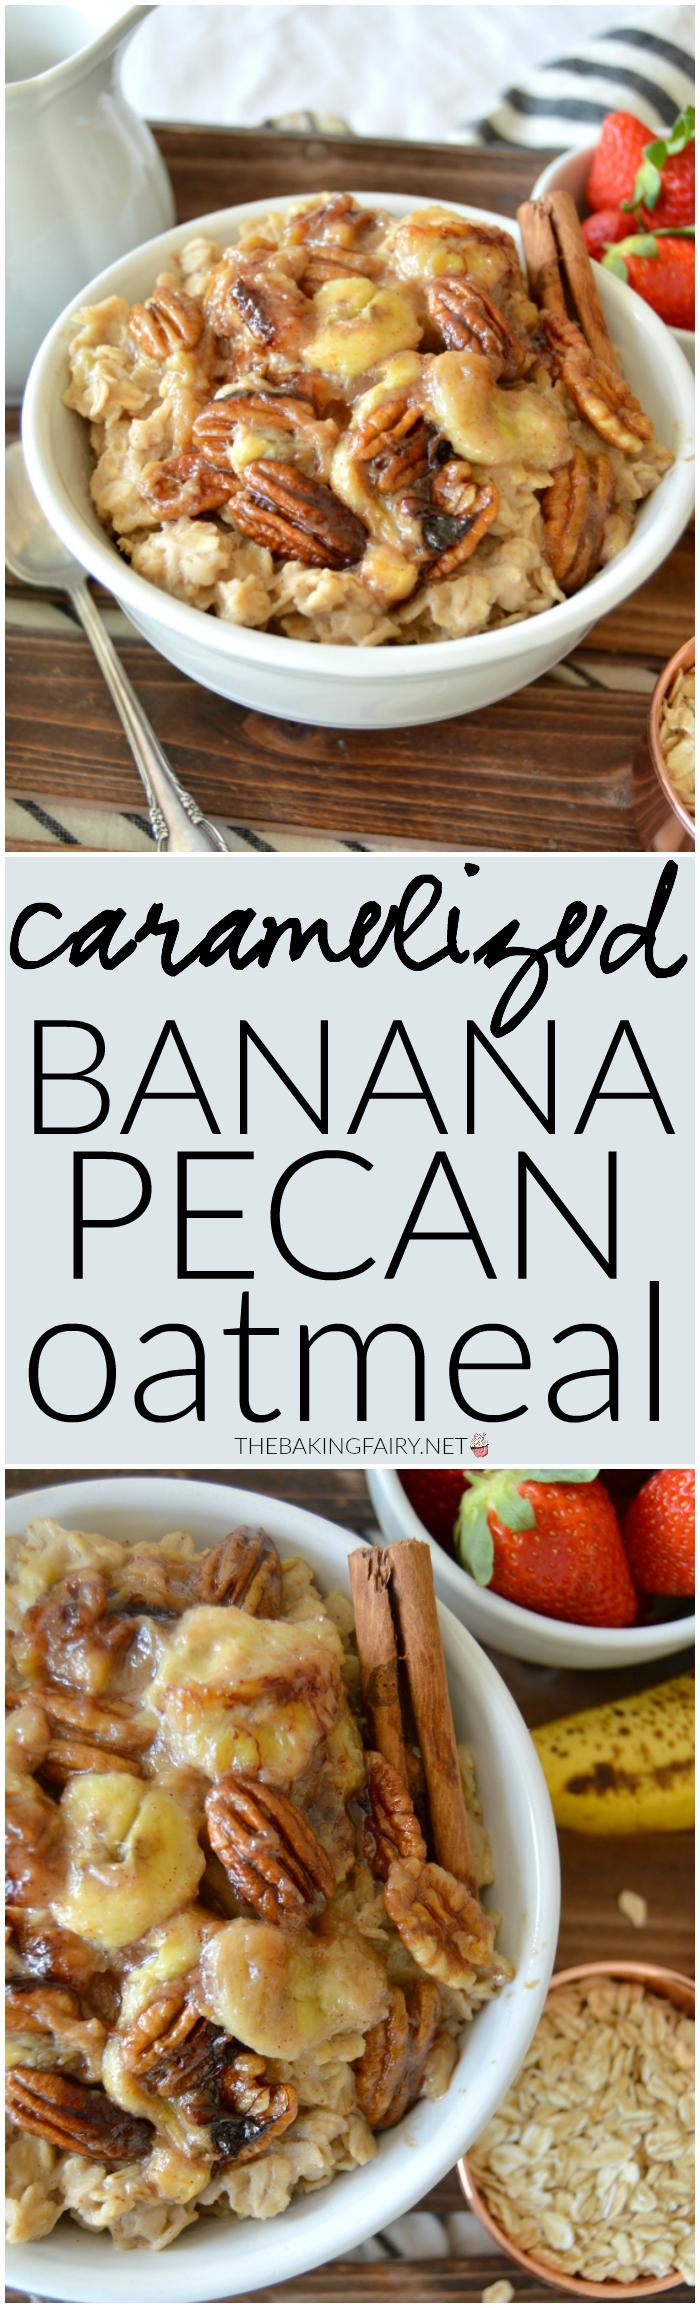 caramelized banana pecan oatmeal | The Baking Fairy #TasteTruvia #ad